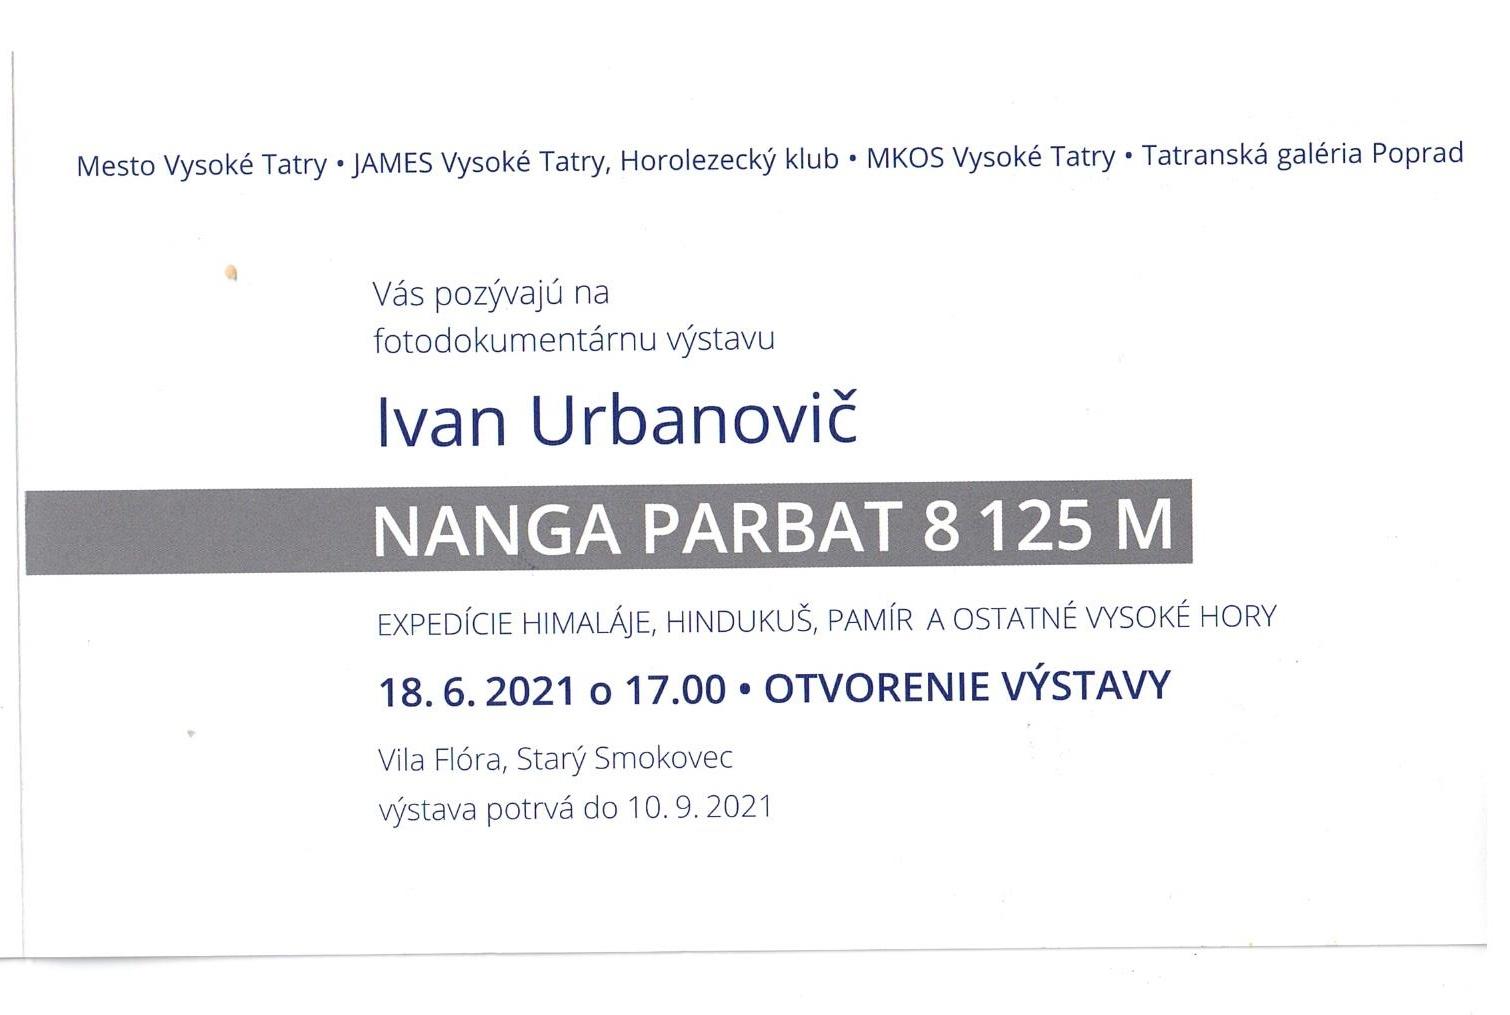 Pozvánka na výstavu fotografií Ivana Urbanoviče